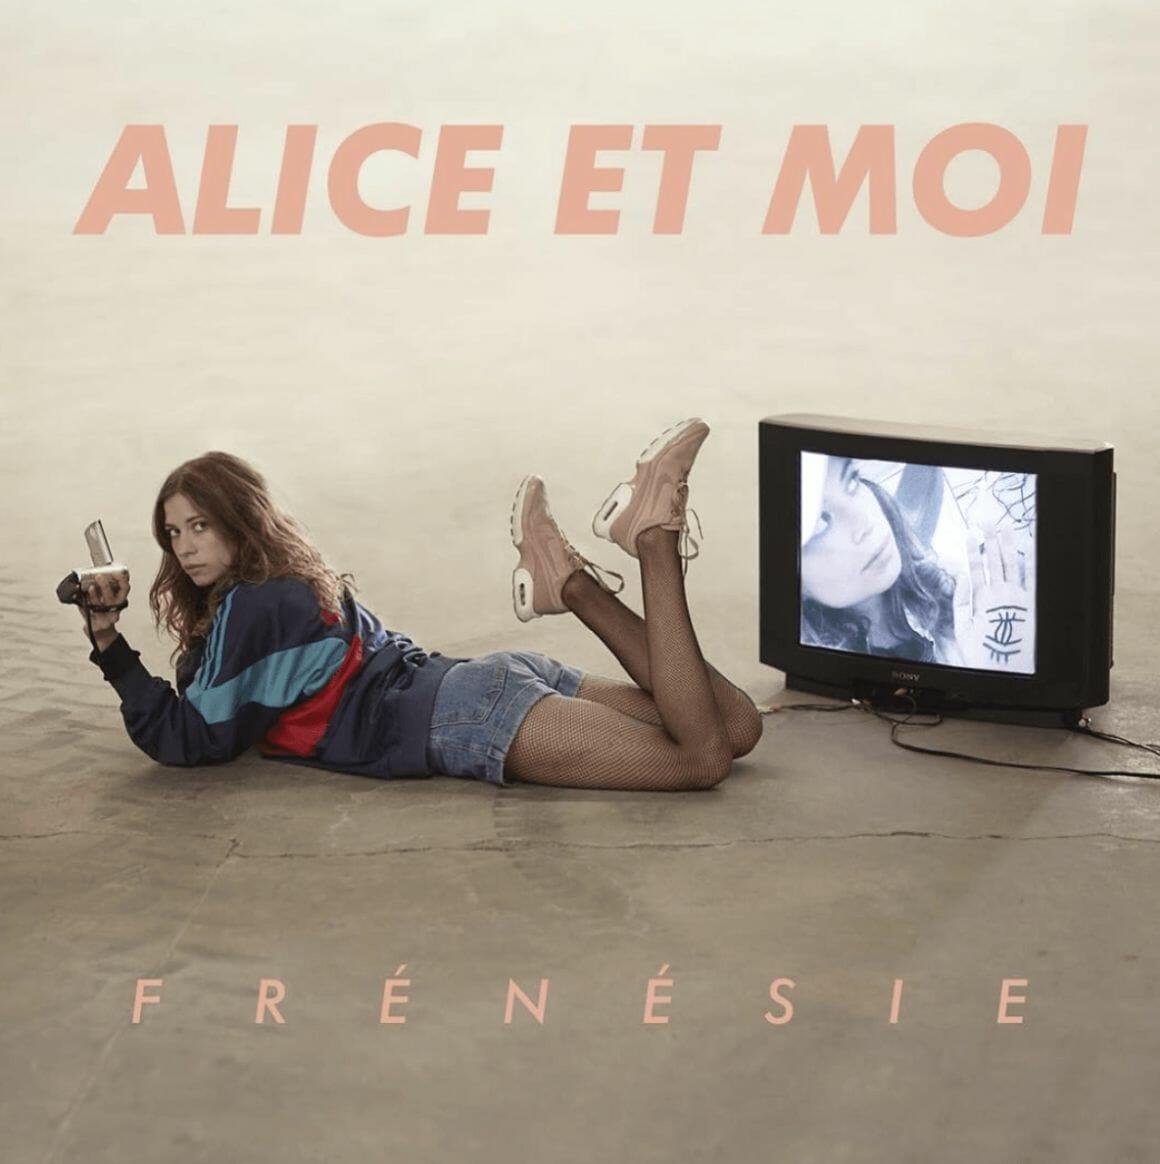 Alice et moi pochette de son EP frénésie